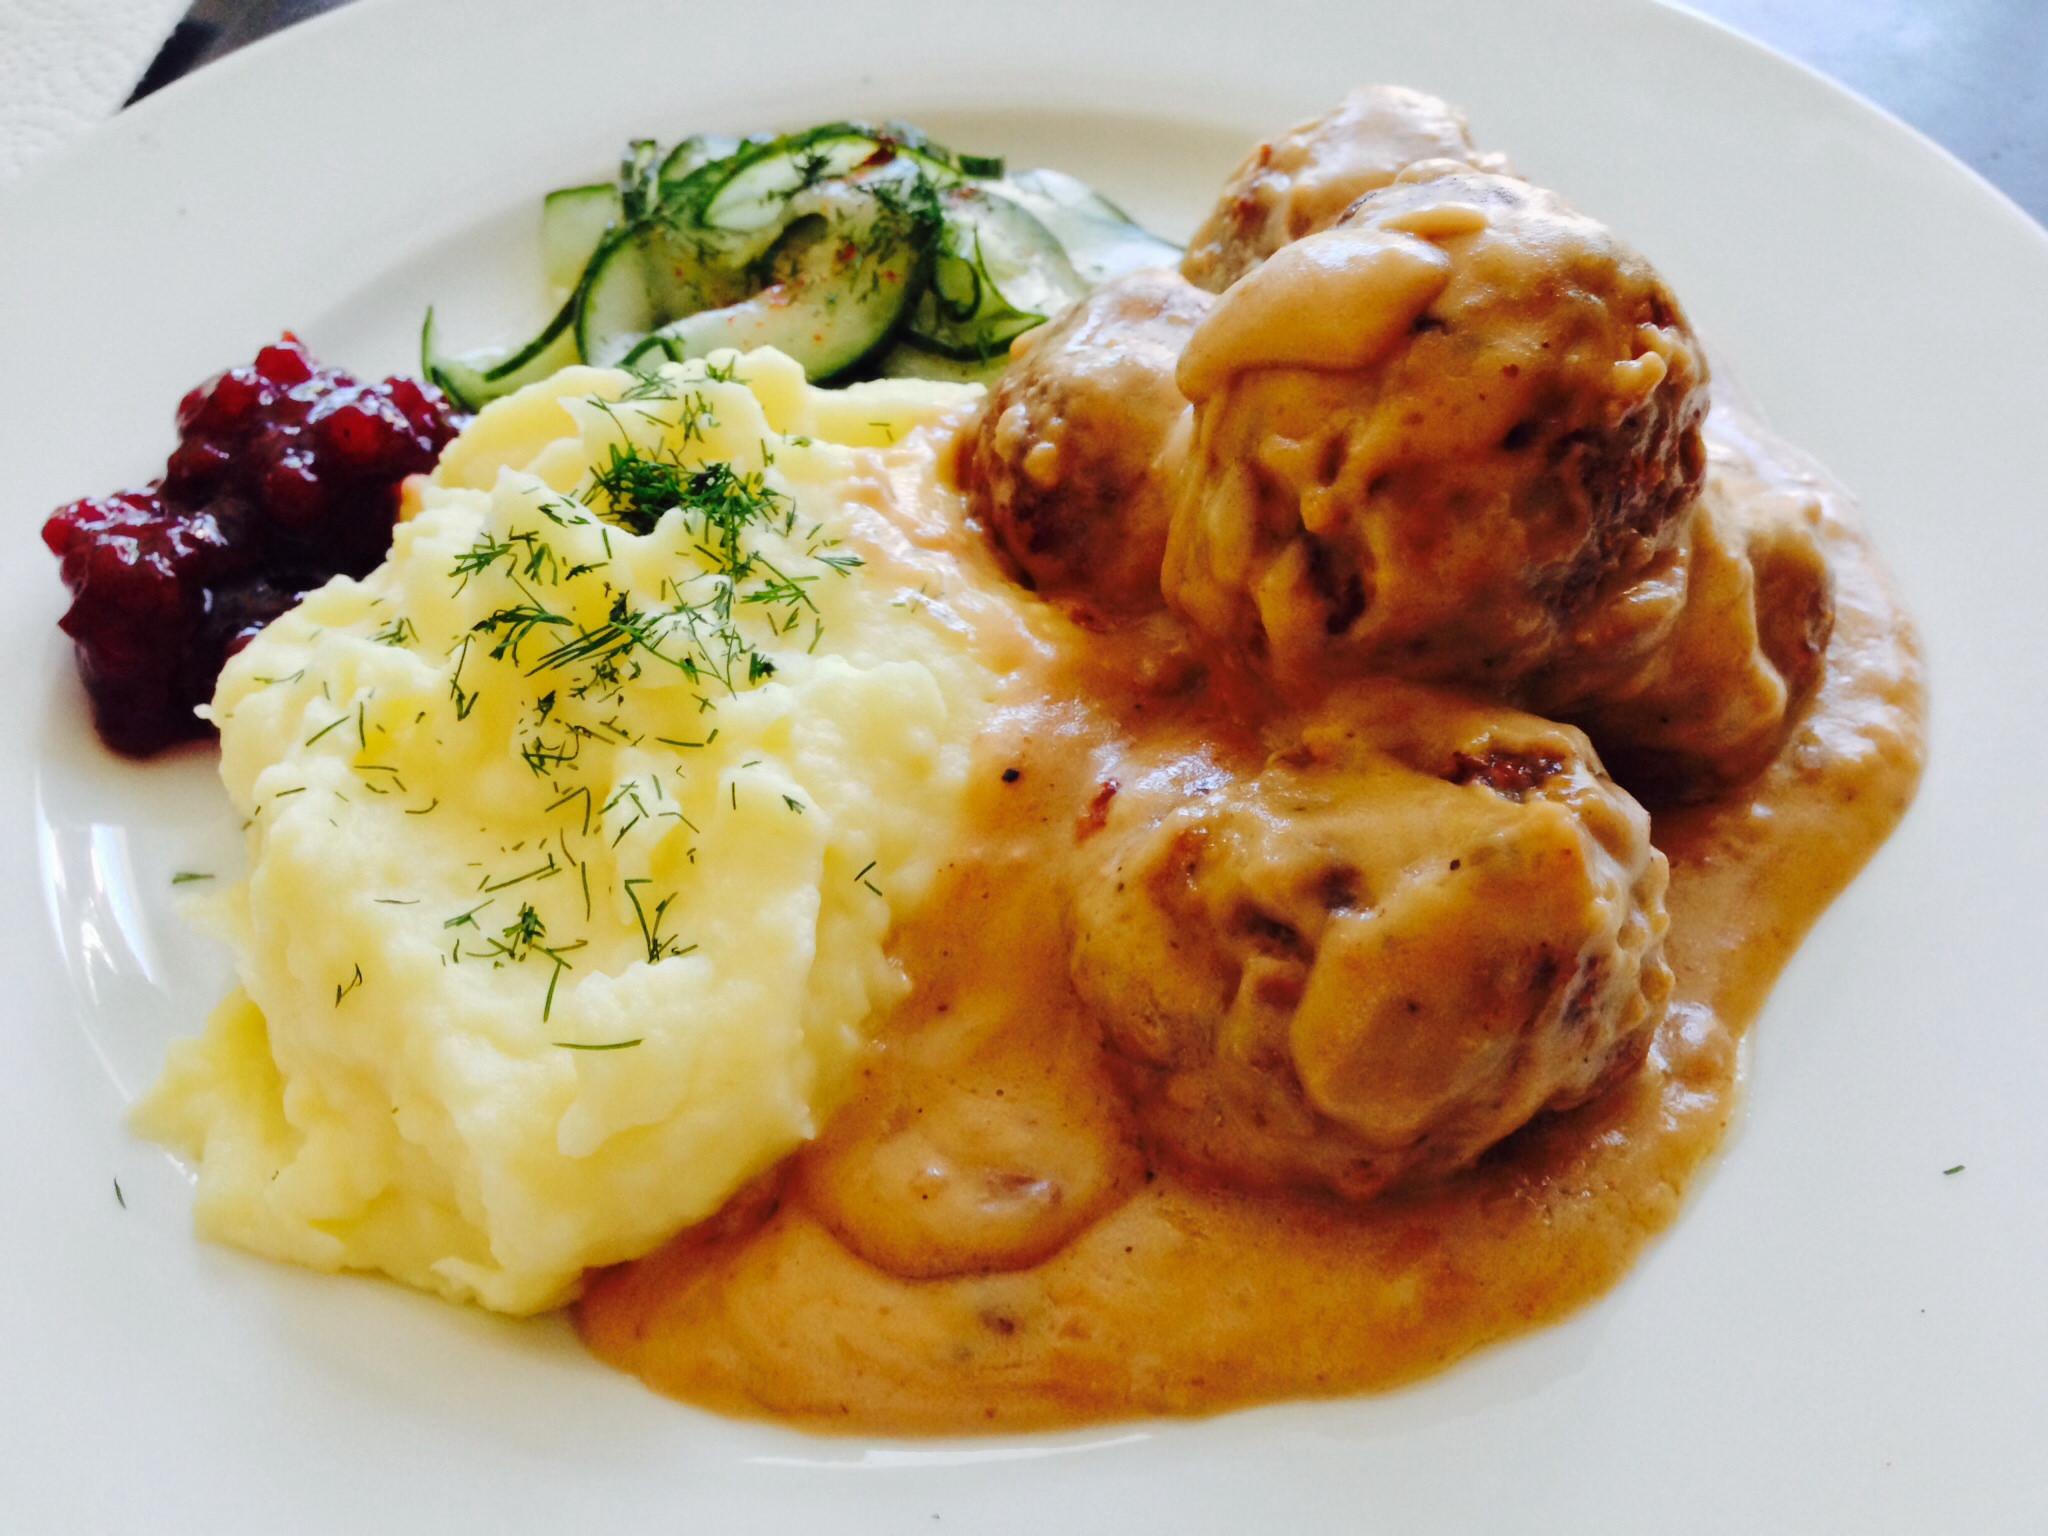 Cucina svedese i piatti tradizionali del paese scandinavo - Ikea piatti cucina ...